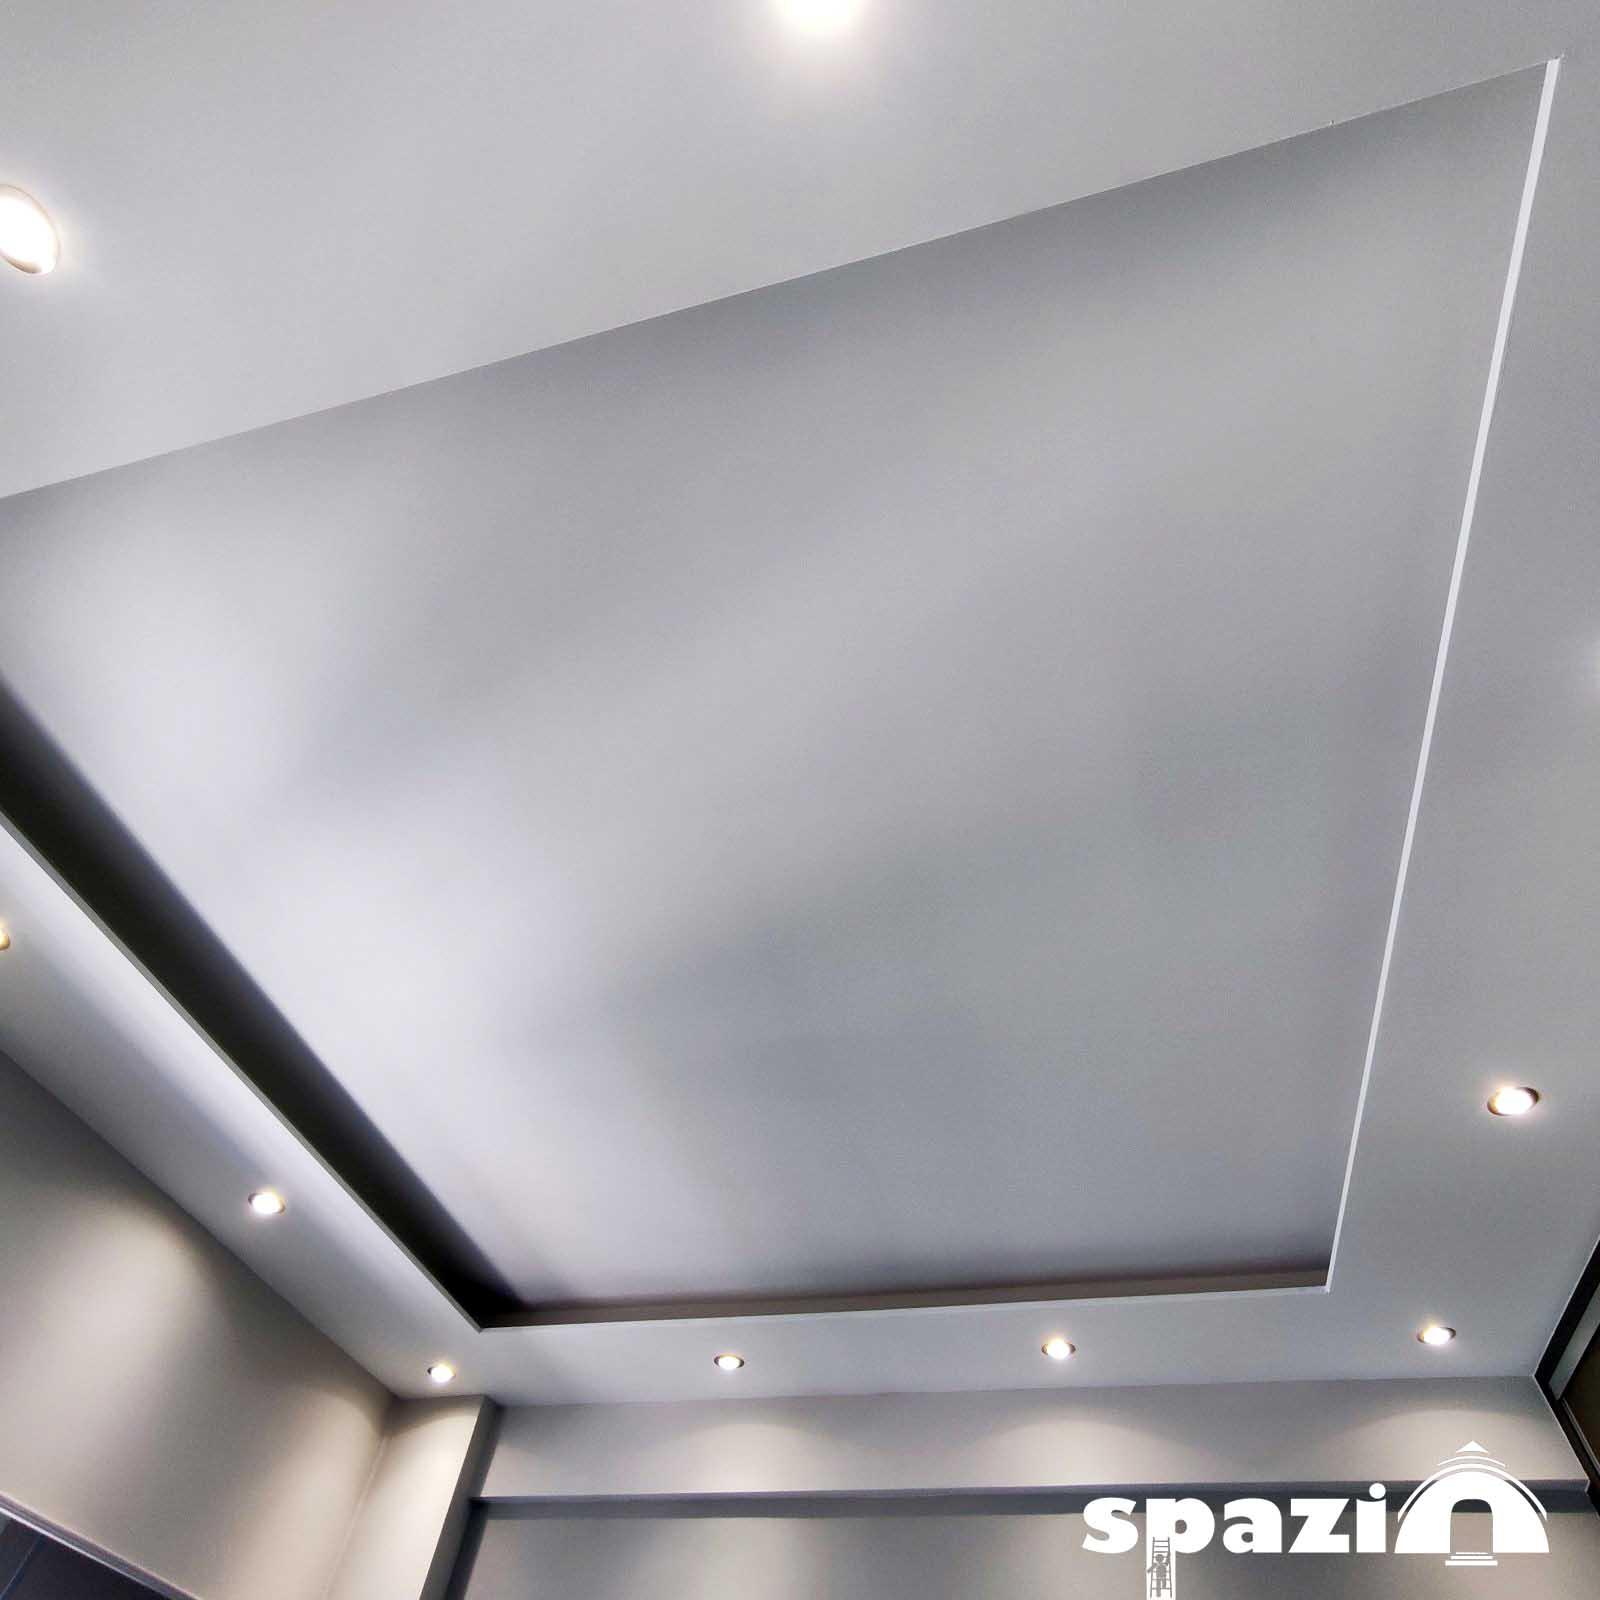 spazio_sepolia_11.jpg